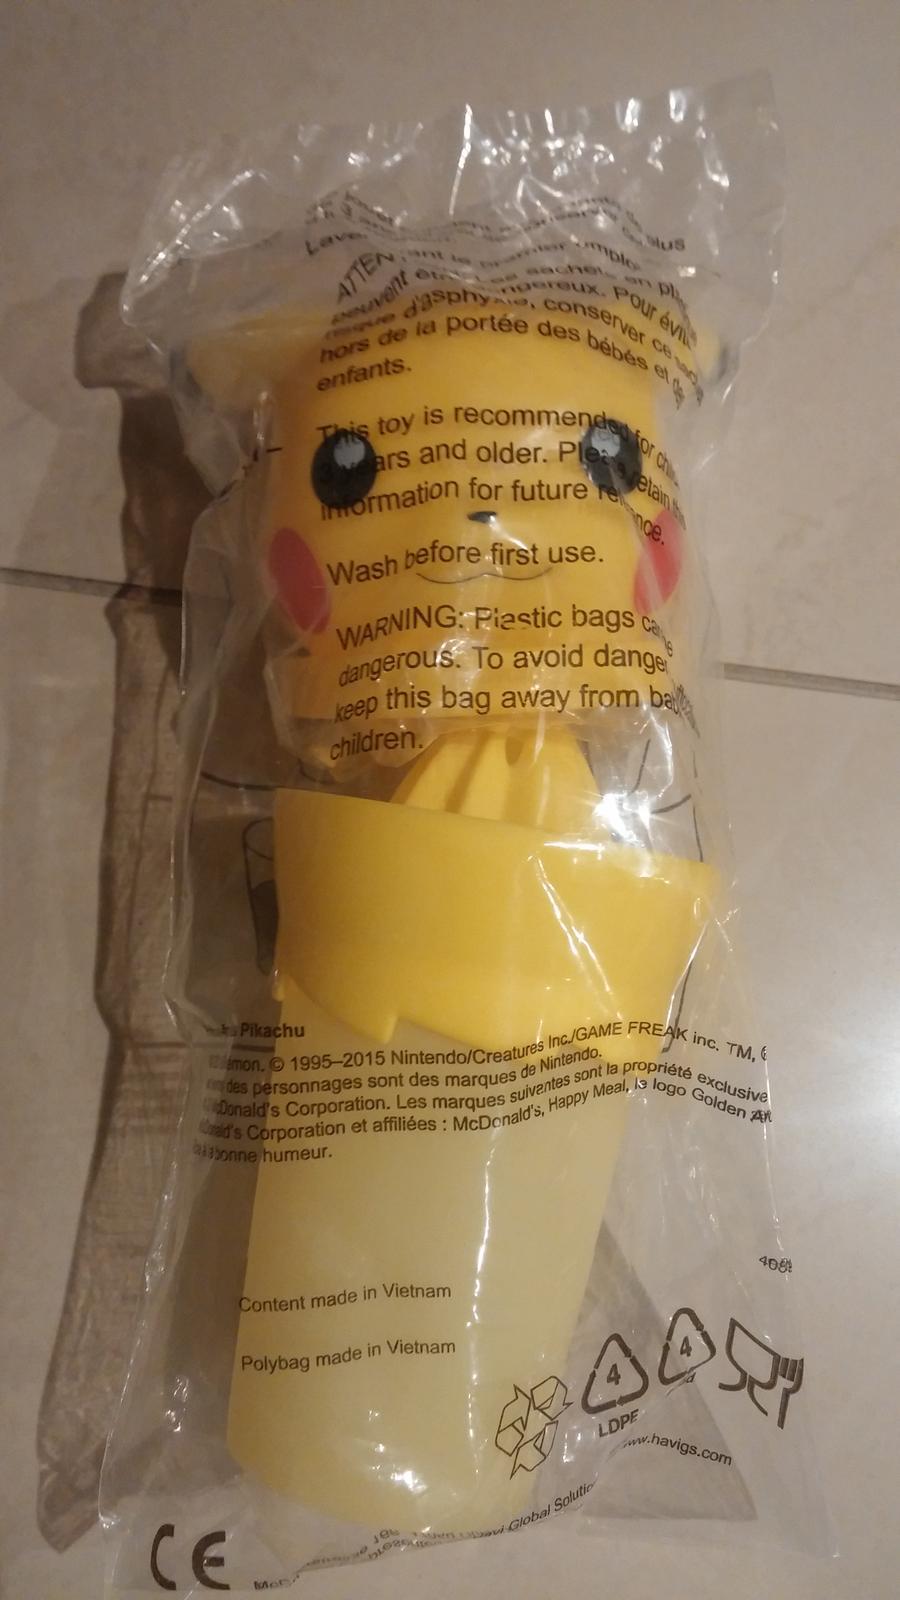 rucny odstavovac pikachu - Obrázok č. 1